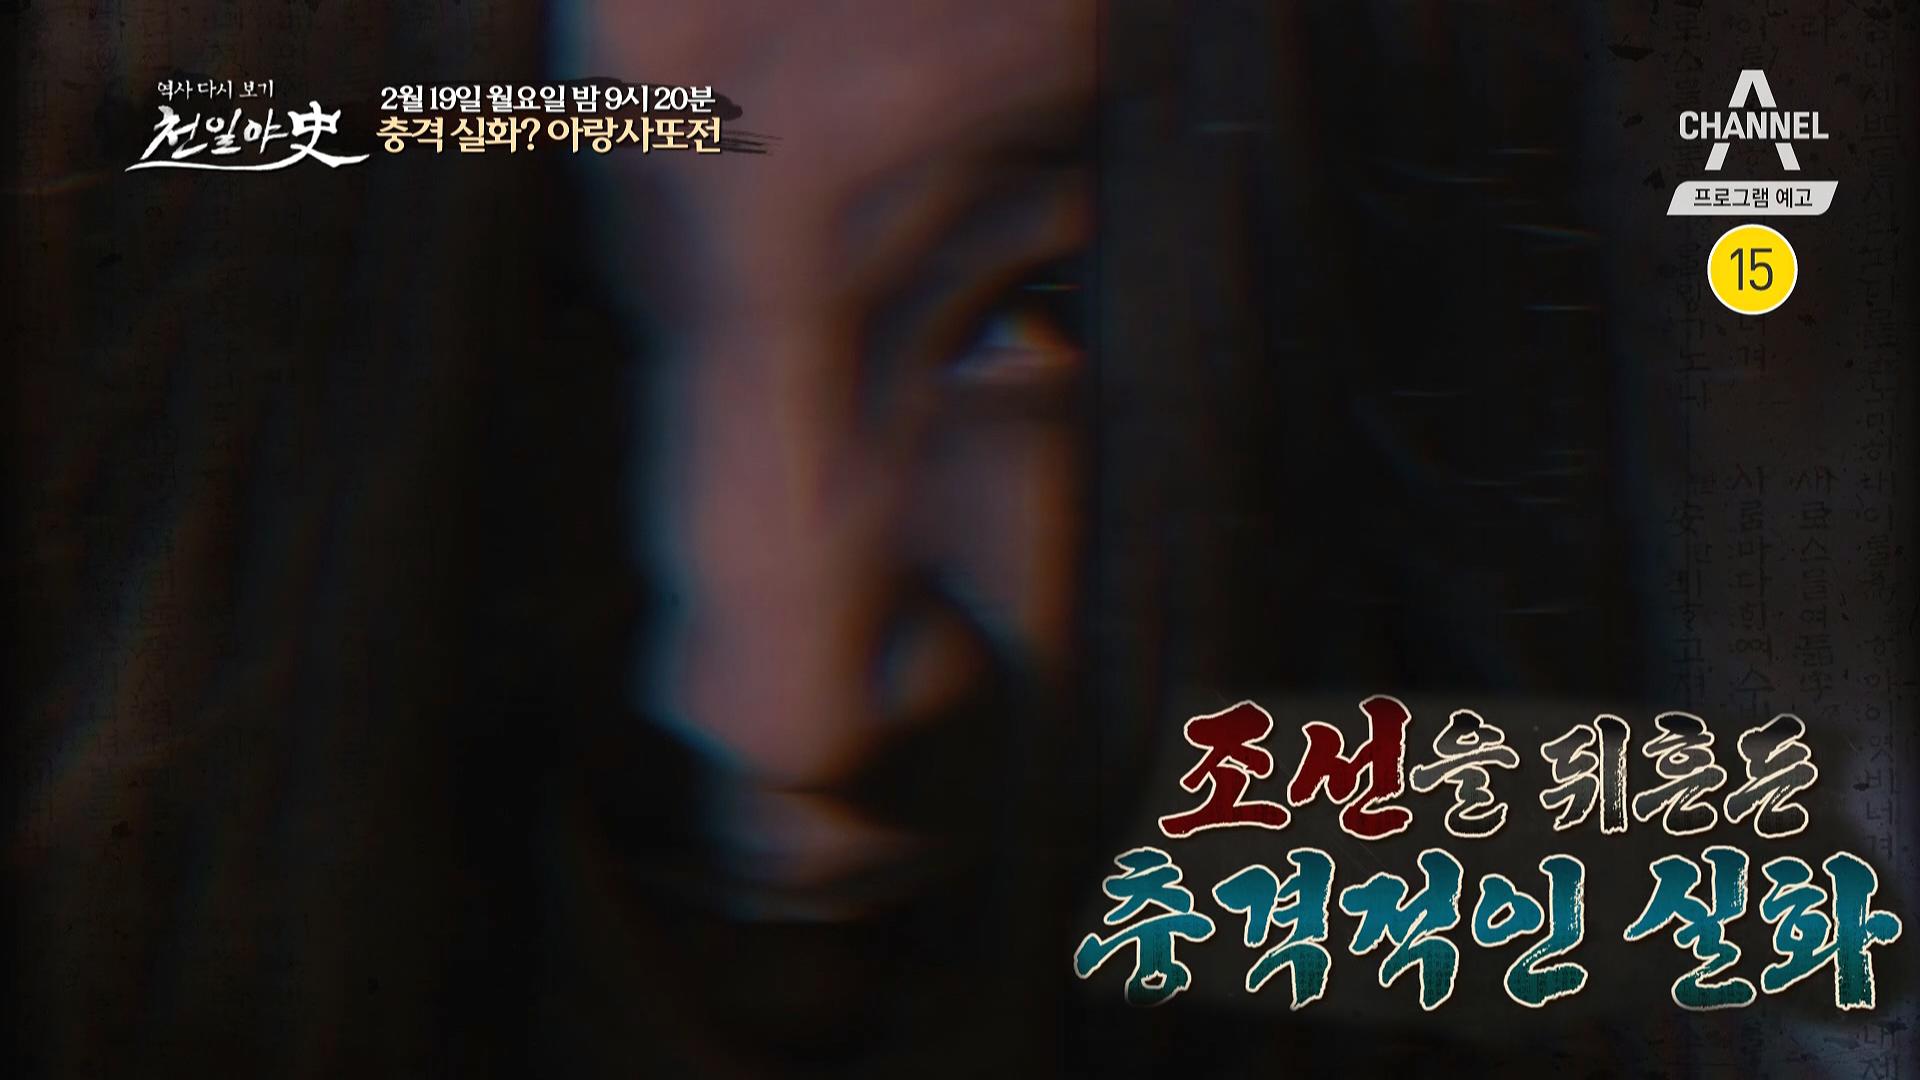 [예고] 조선을 뒤흔든 충격적인 실화, 아랑사또전의 비밀 이미지